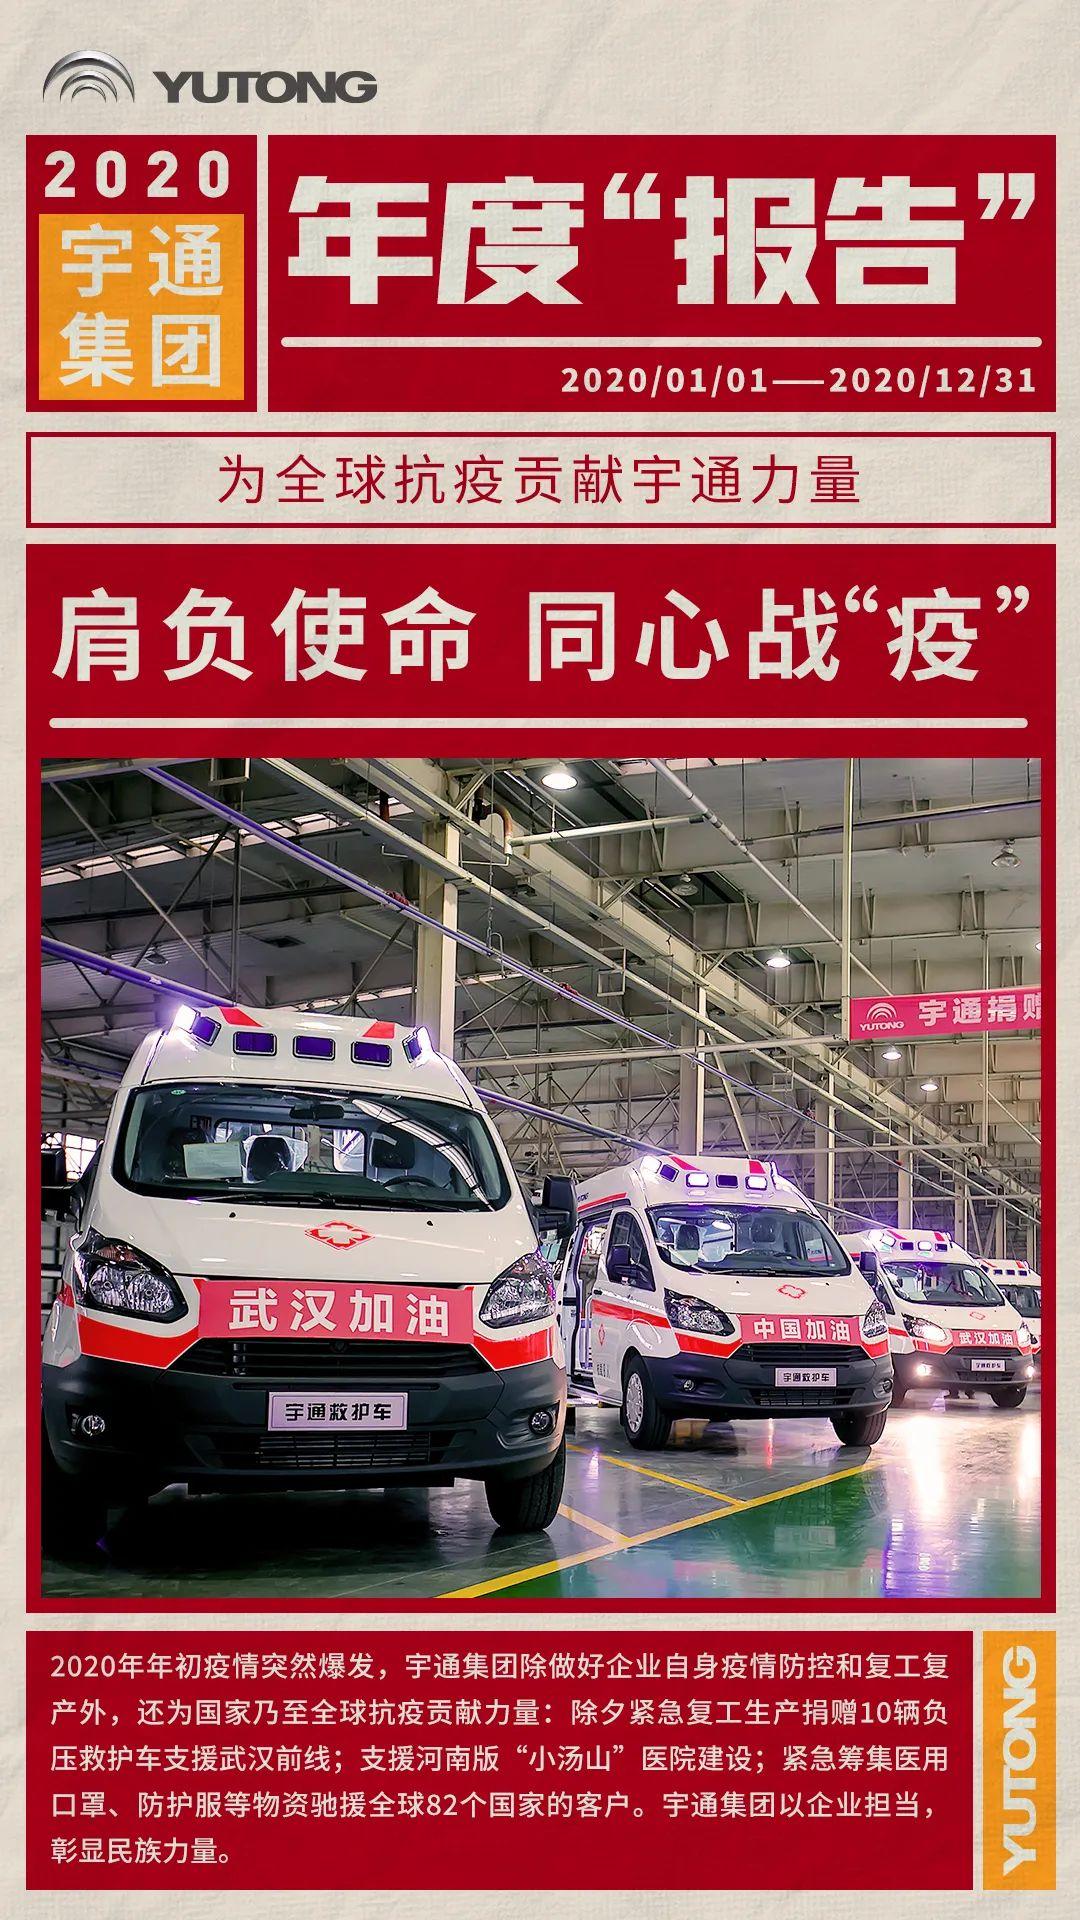 """荣耀时刻!宇通集团2020""""年度报告""""出炉"""